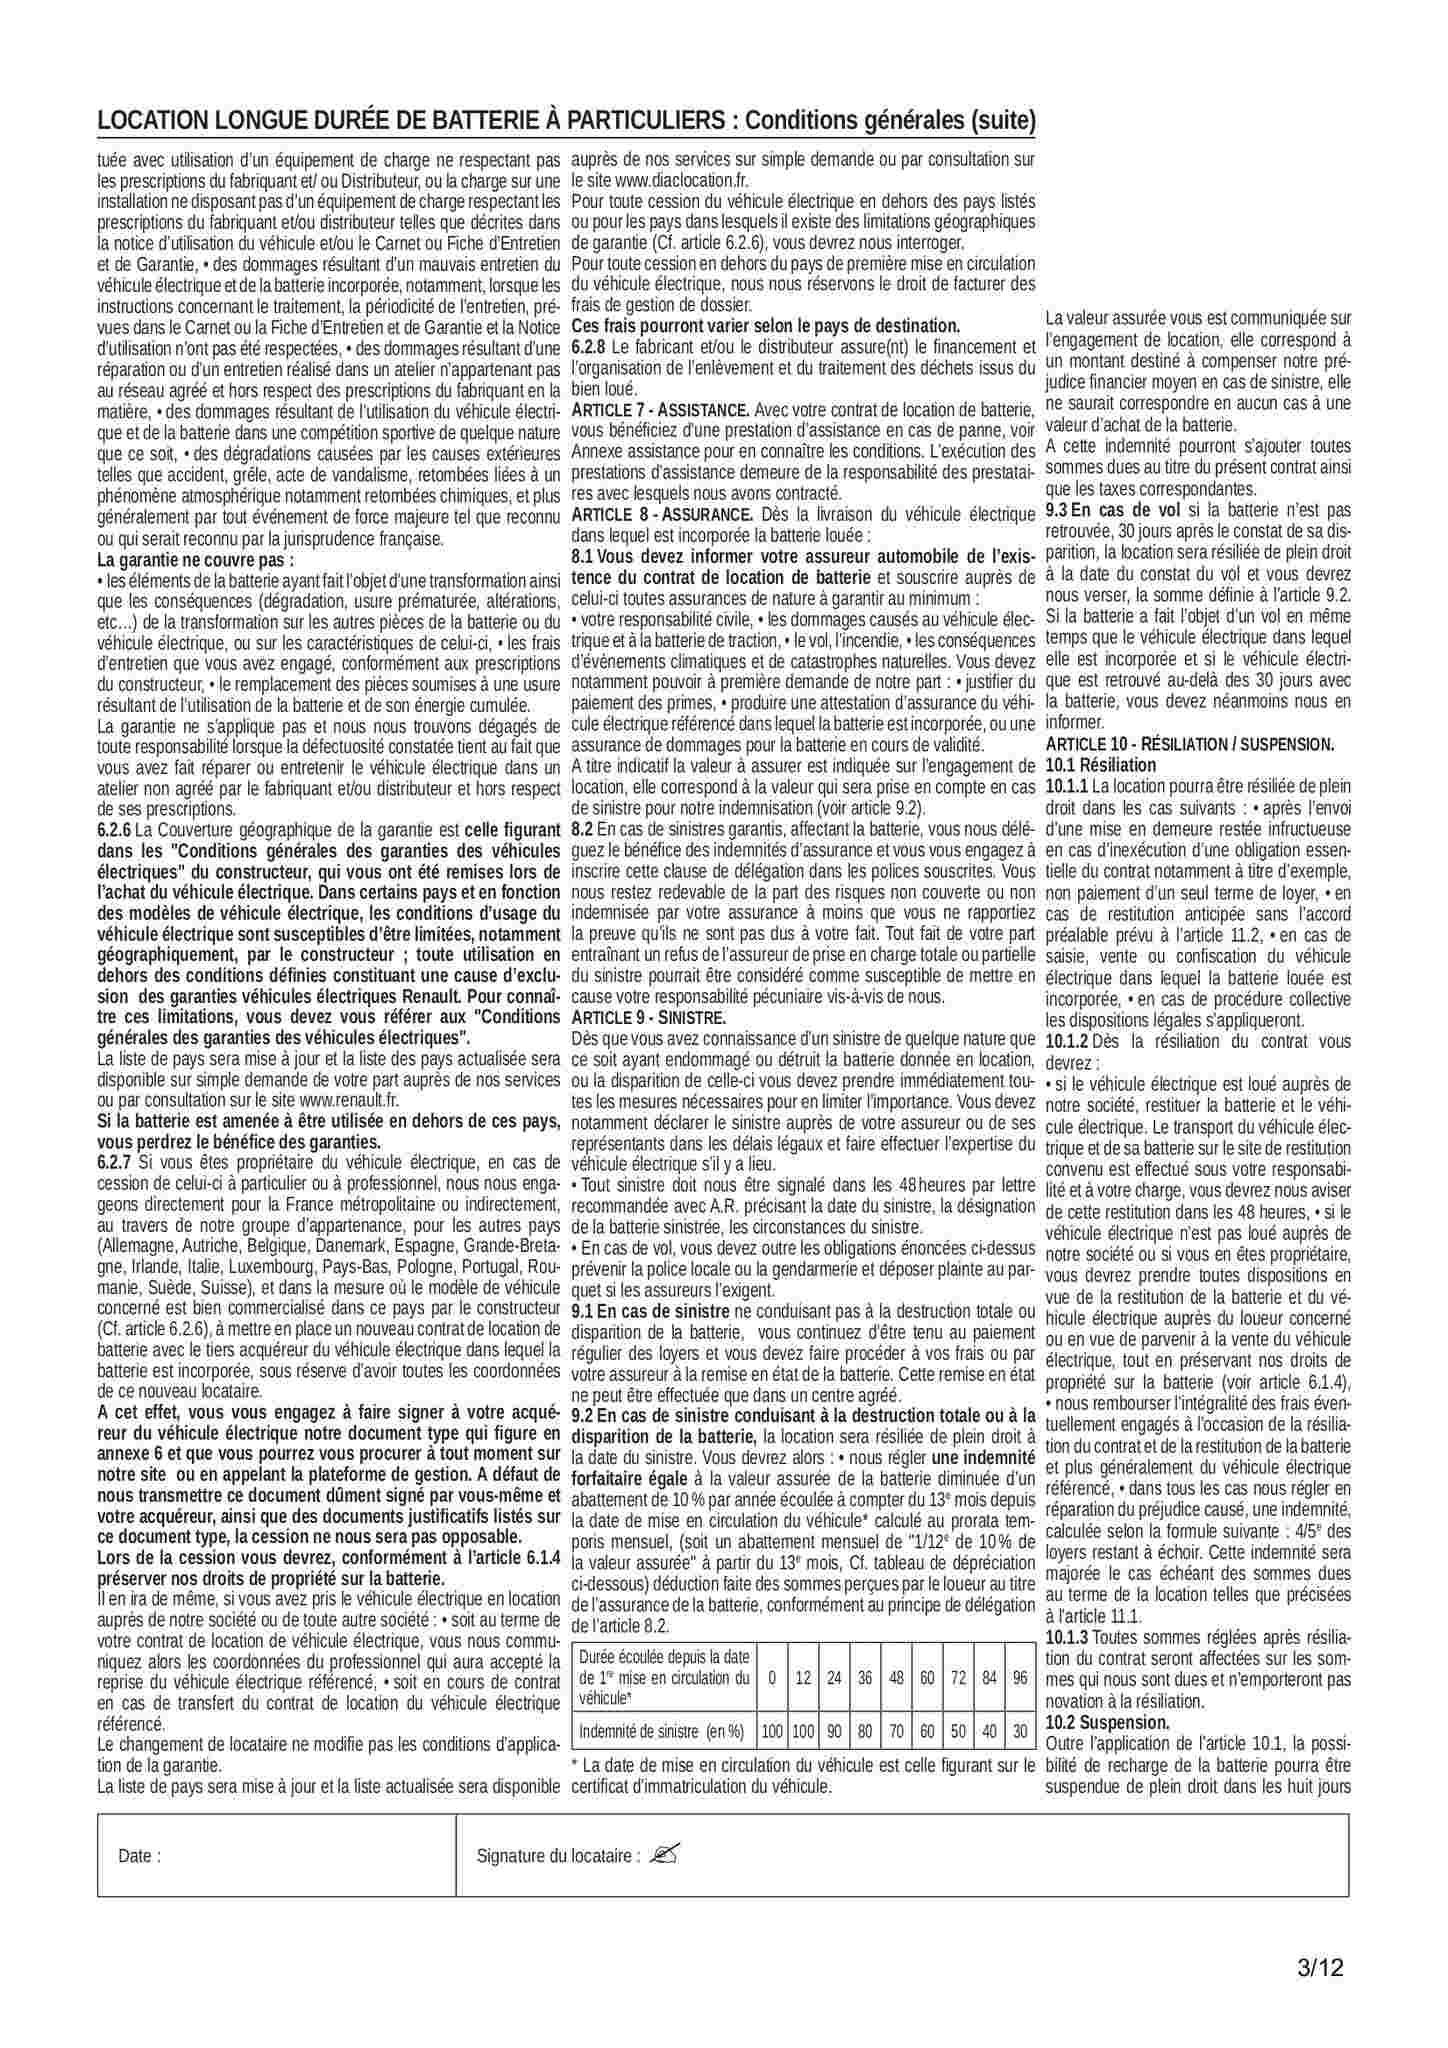 Partageons des exemples de nos clauses d'assurance pour nos batteries Contra11